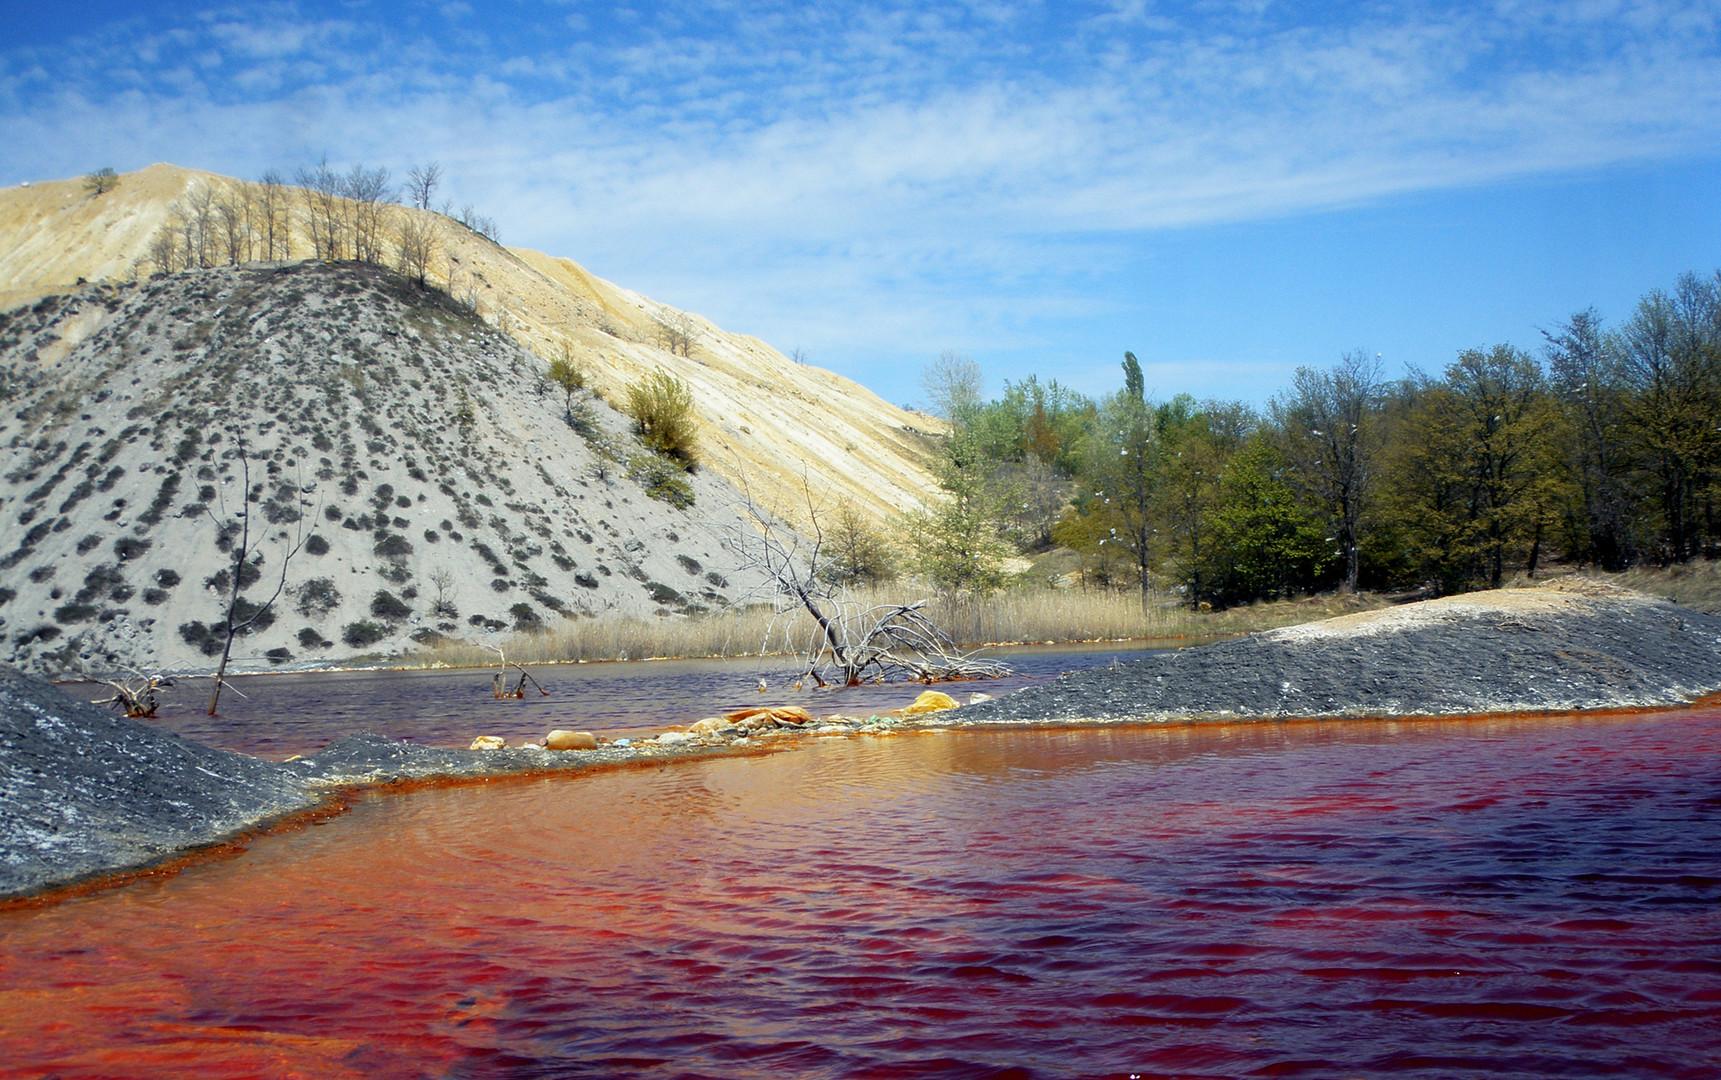 Crveno jezero